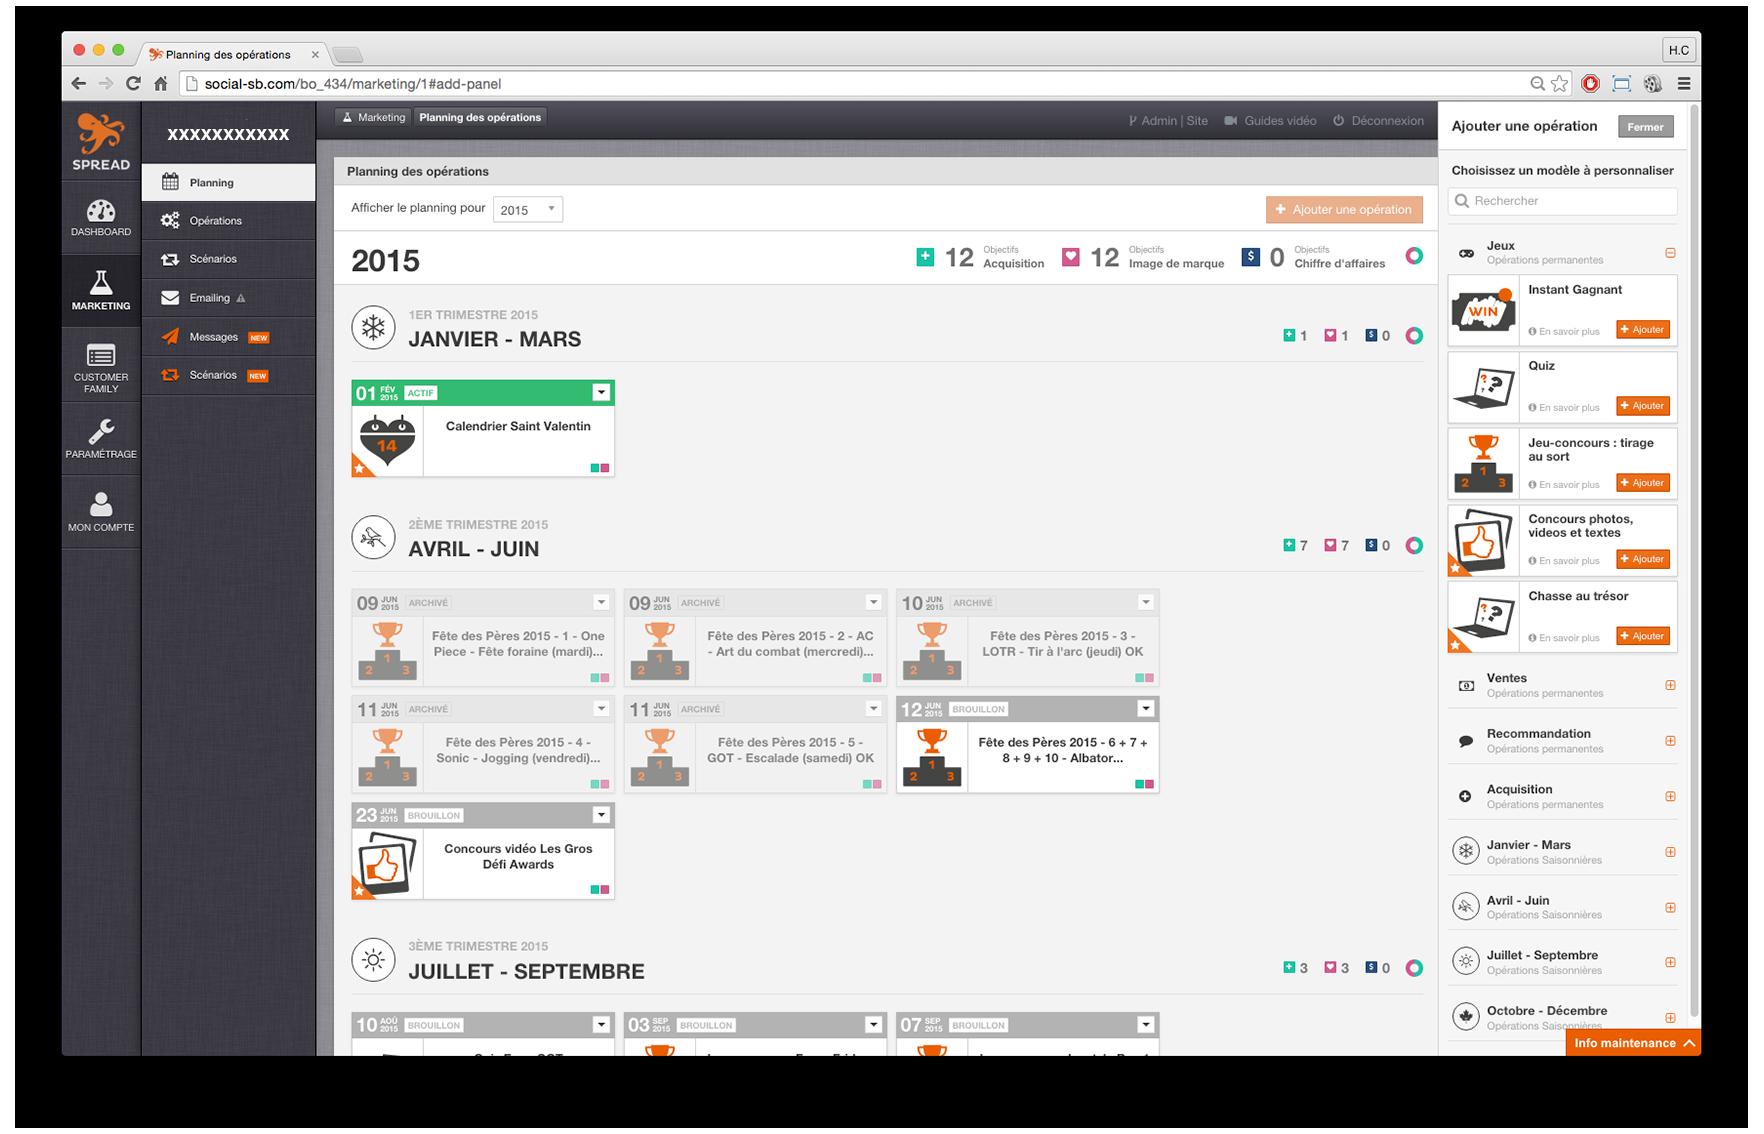 Spread Family: Page de désinscription, Type de contact, Identification des utilisateurs / entreprises